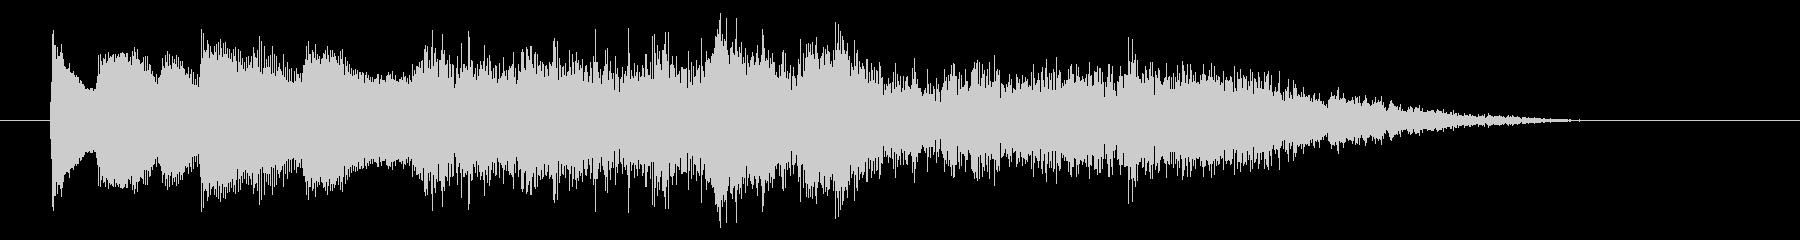 ピンポン「正解」→ ラッパ+ドンドンの未再生の波形